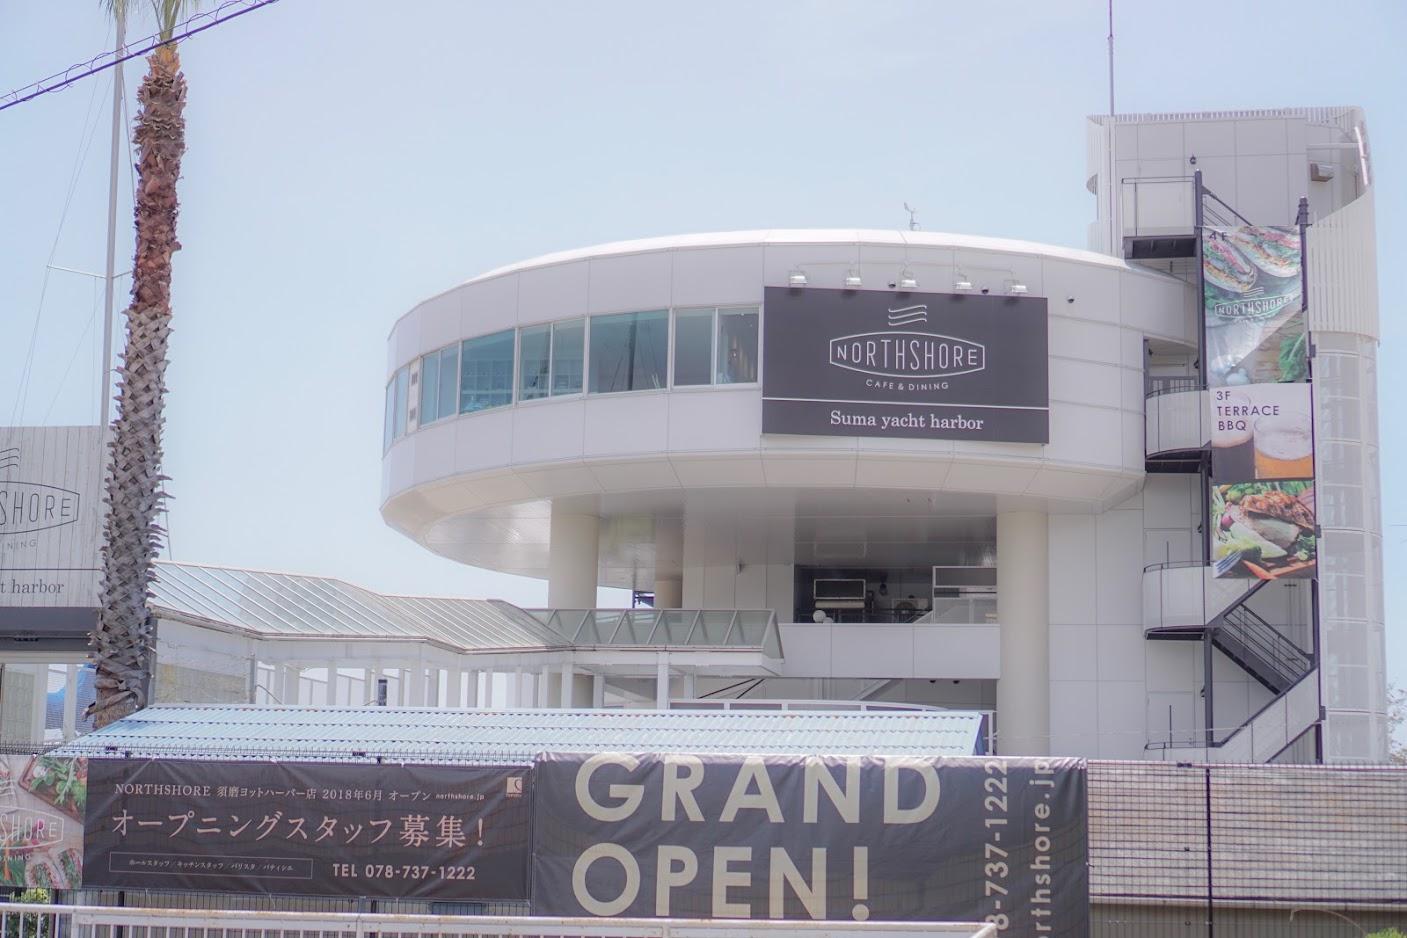 須磨ヨットハーバーにできたカフェ&ダイニング「NORTHSHORE(ノースショア)」に行ってきました